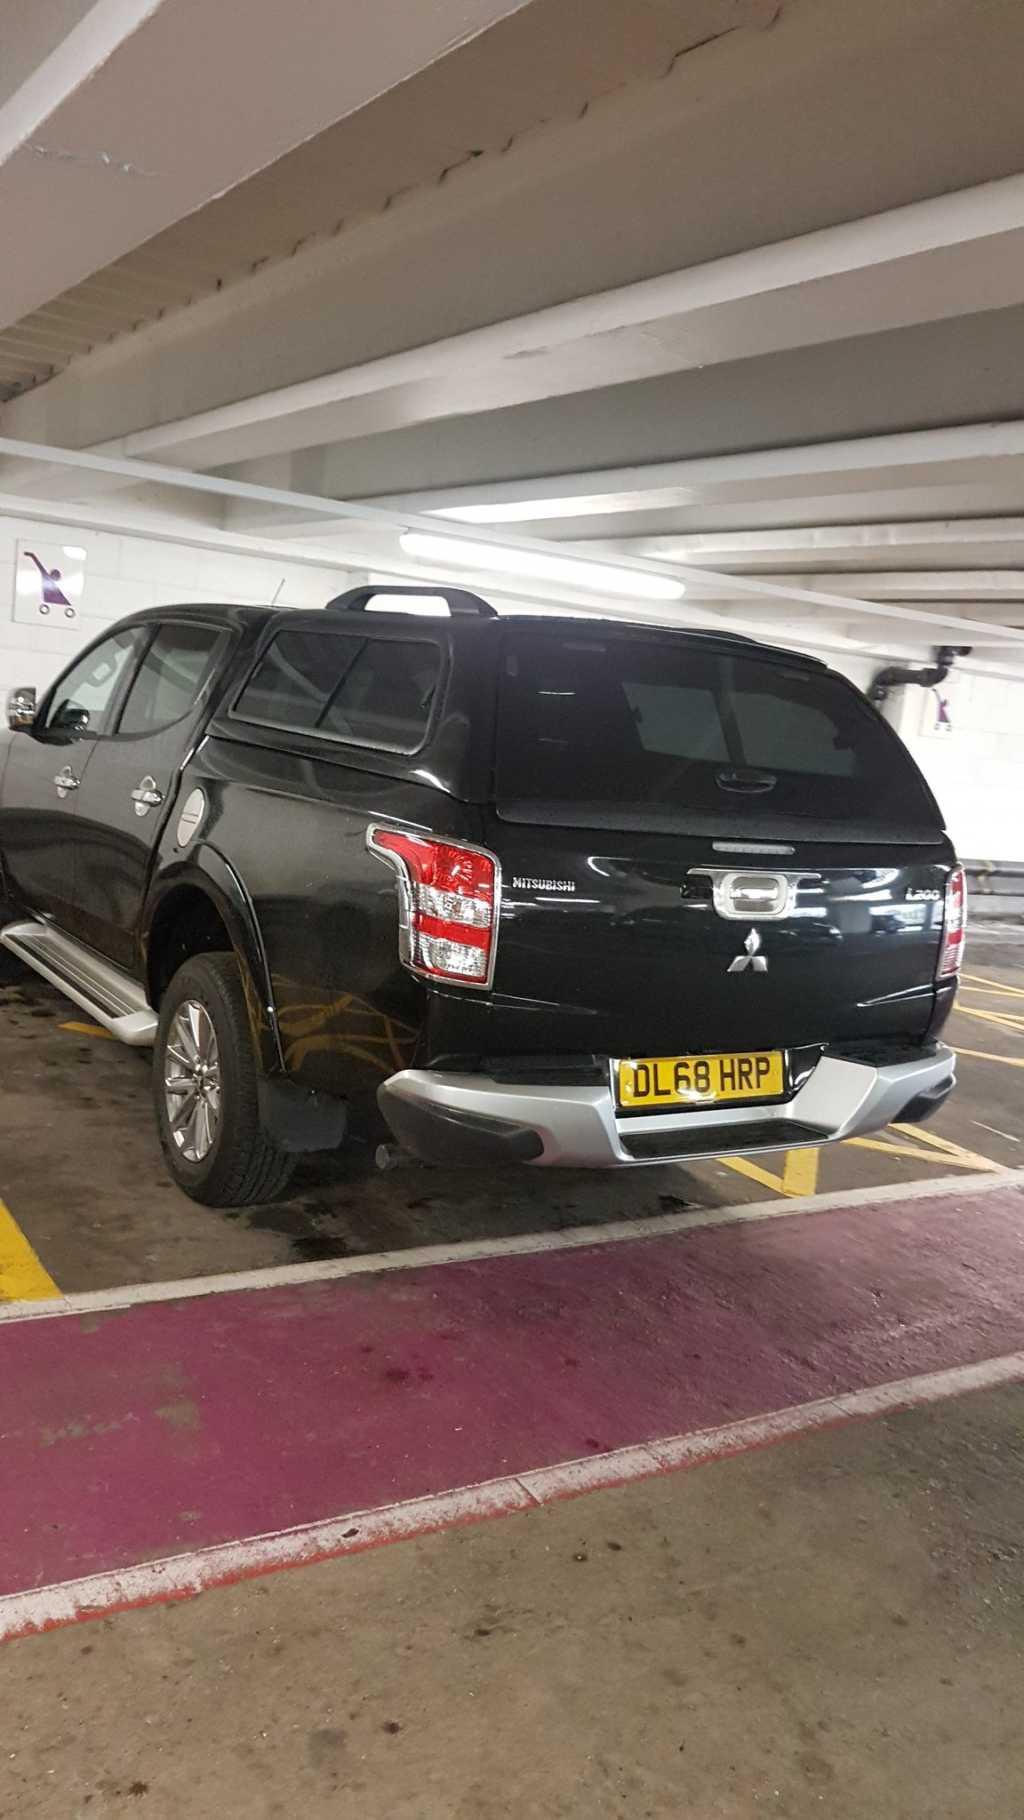 DL68 HRP displaying crap parking